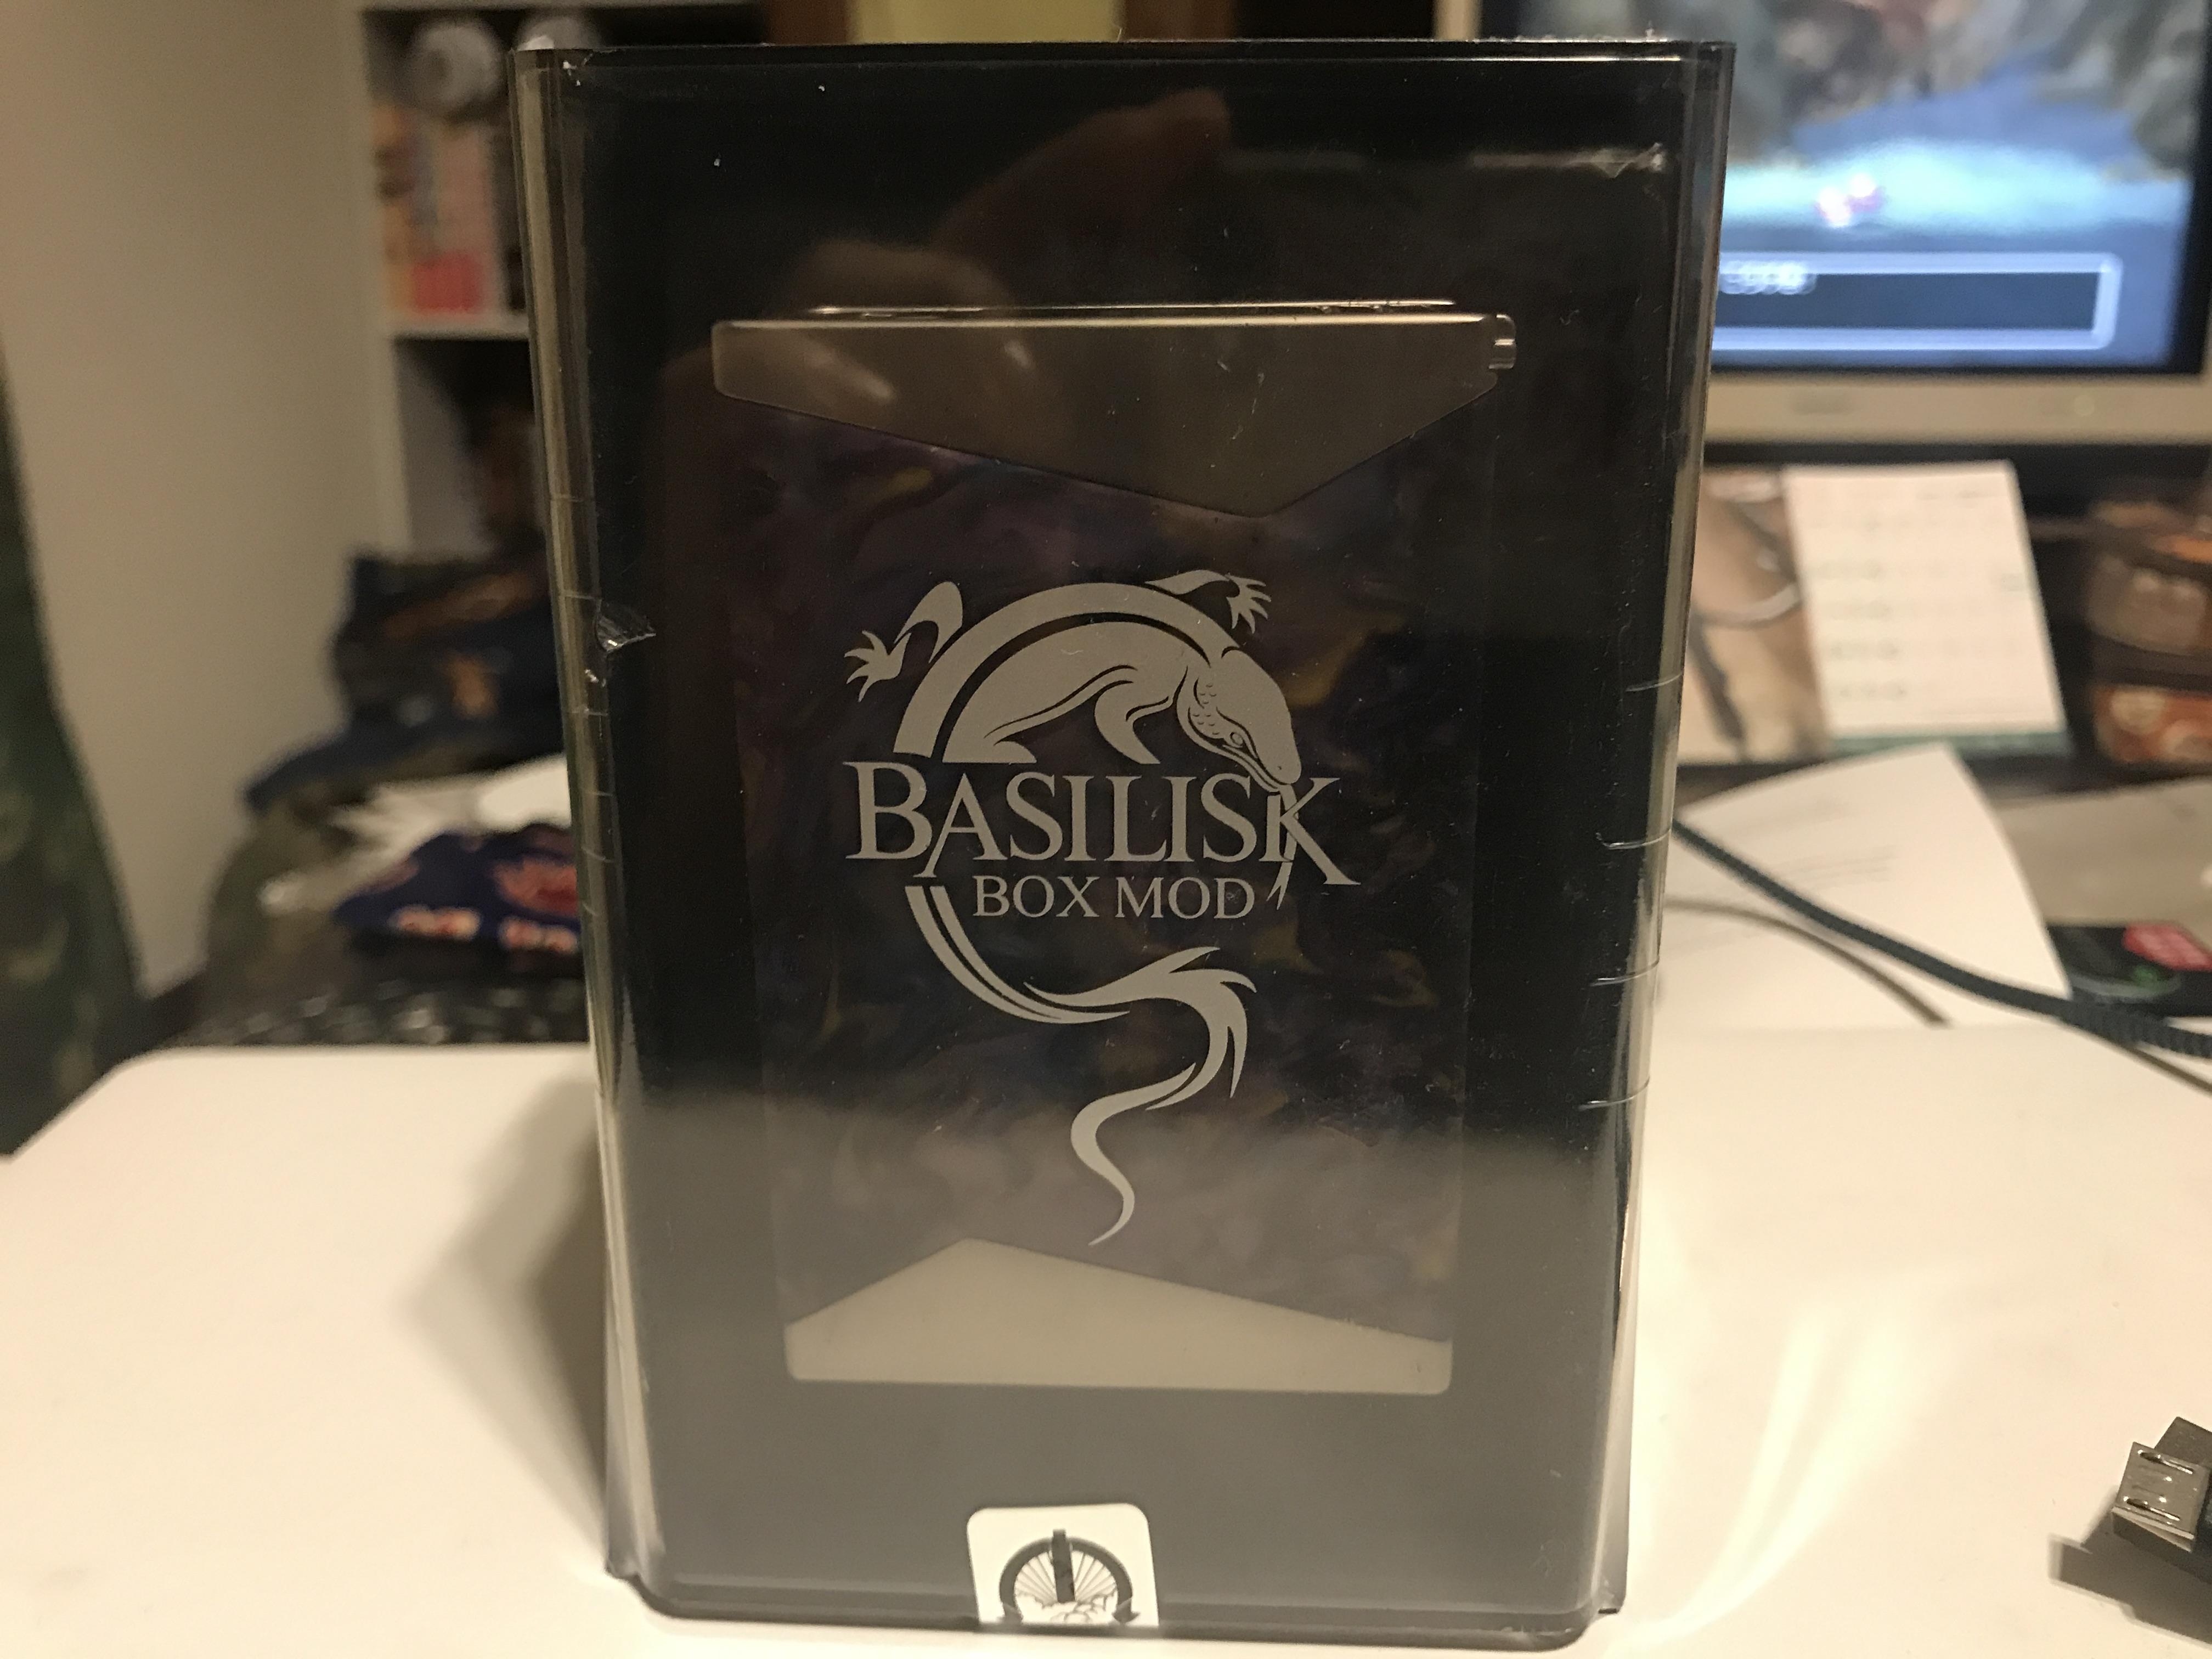 IMG 6235 - 【レジンMOD】Stentorian Basilisk 200W Box Modレビュー!イカしたMODがイカしたケースに入ってやってきた!コレは所有欲が満たされる一本だ!【トカゲ?】